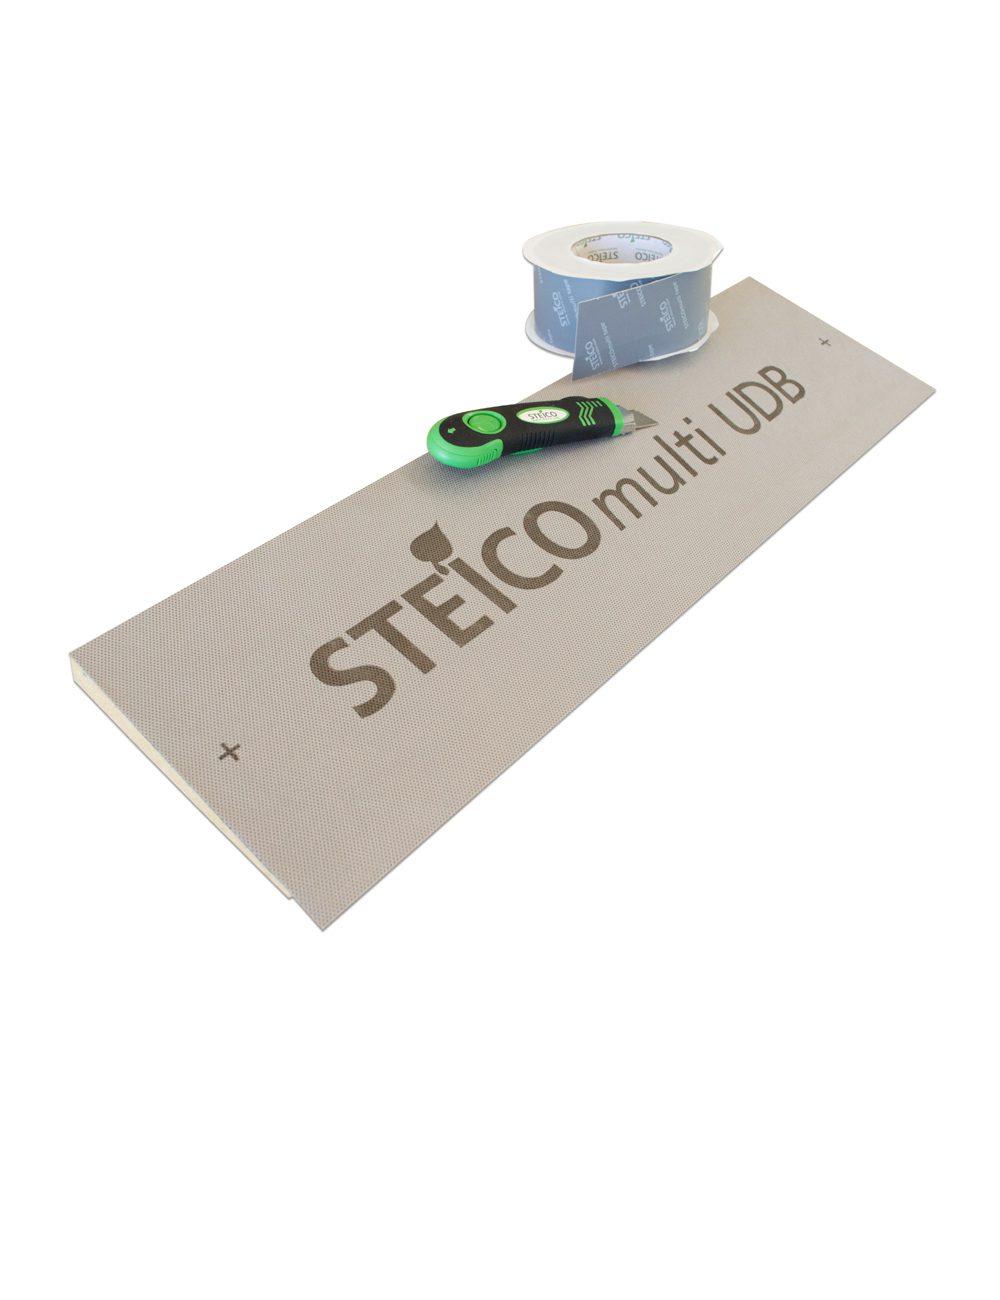 steicofix